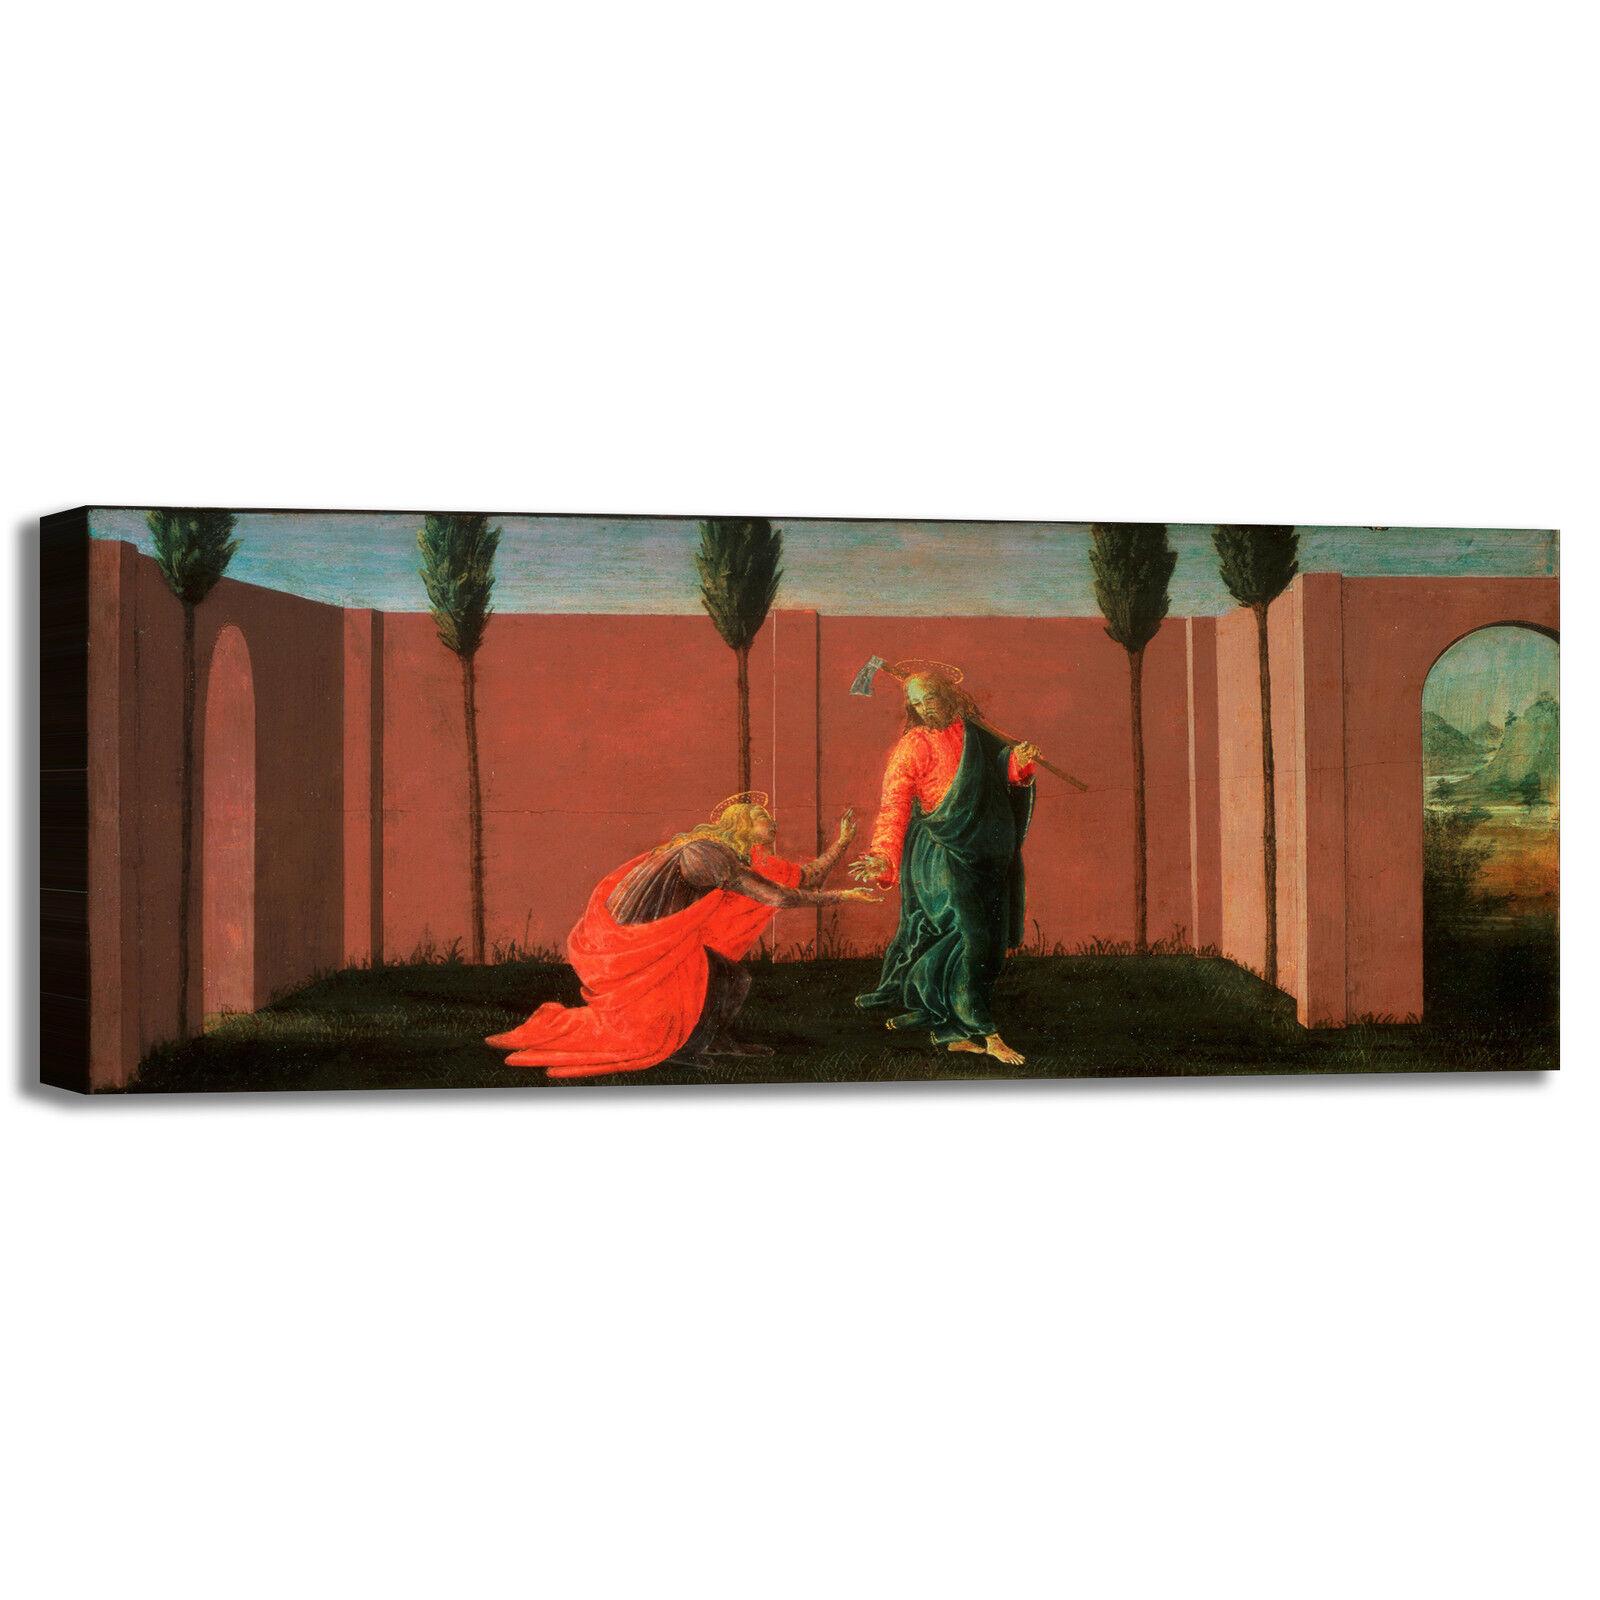 Botticelli noli me tangere quadro stampa tela dipinto telaio arroto casa